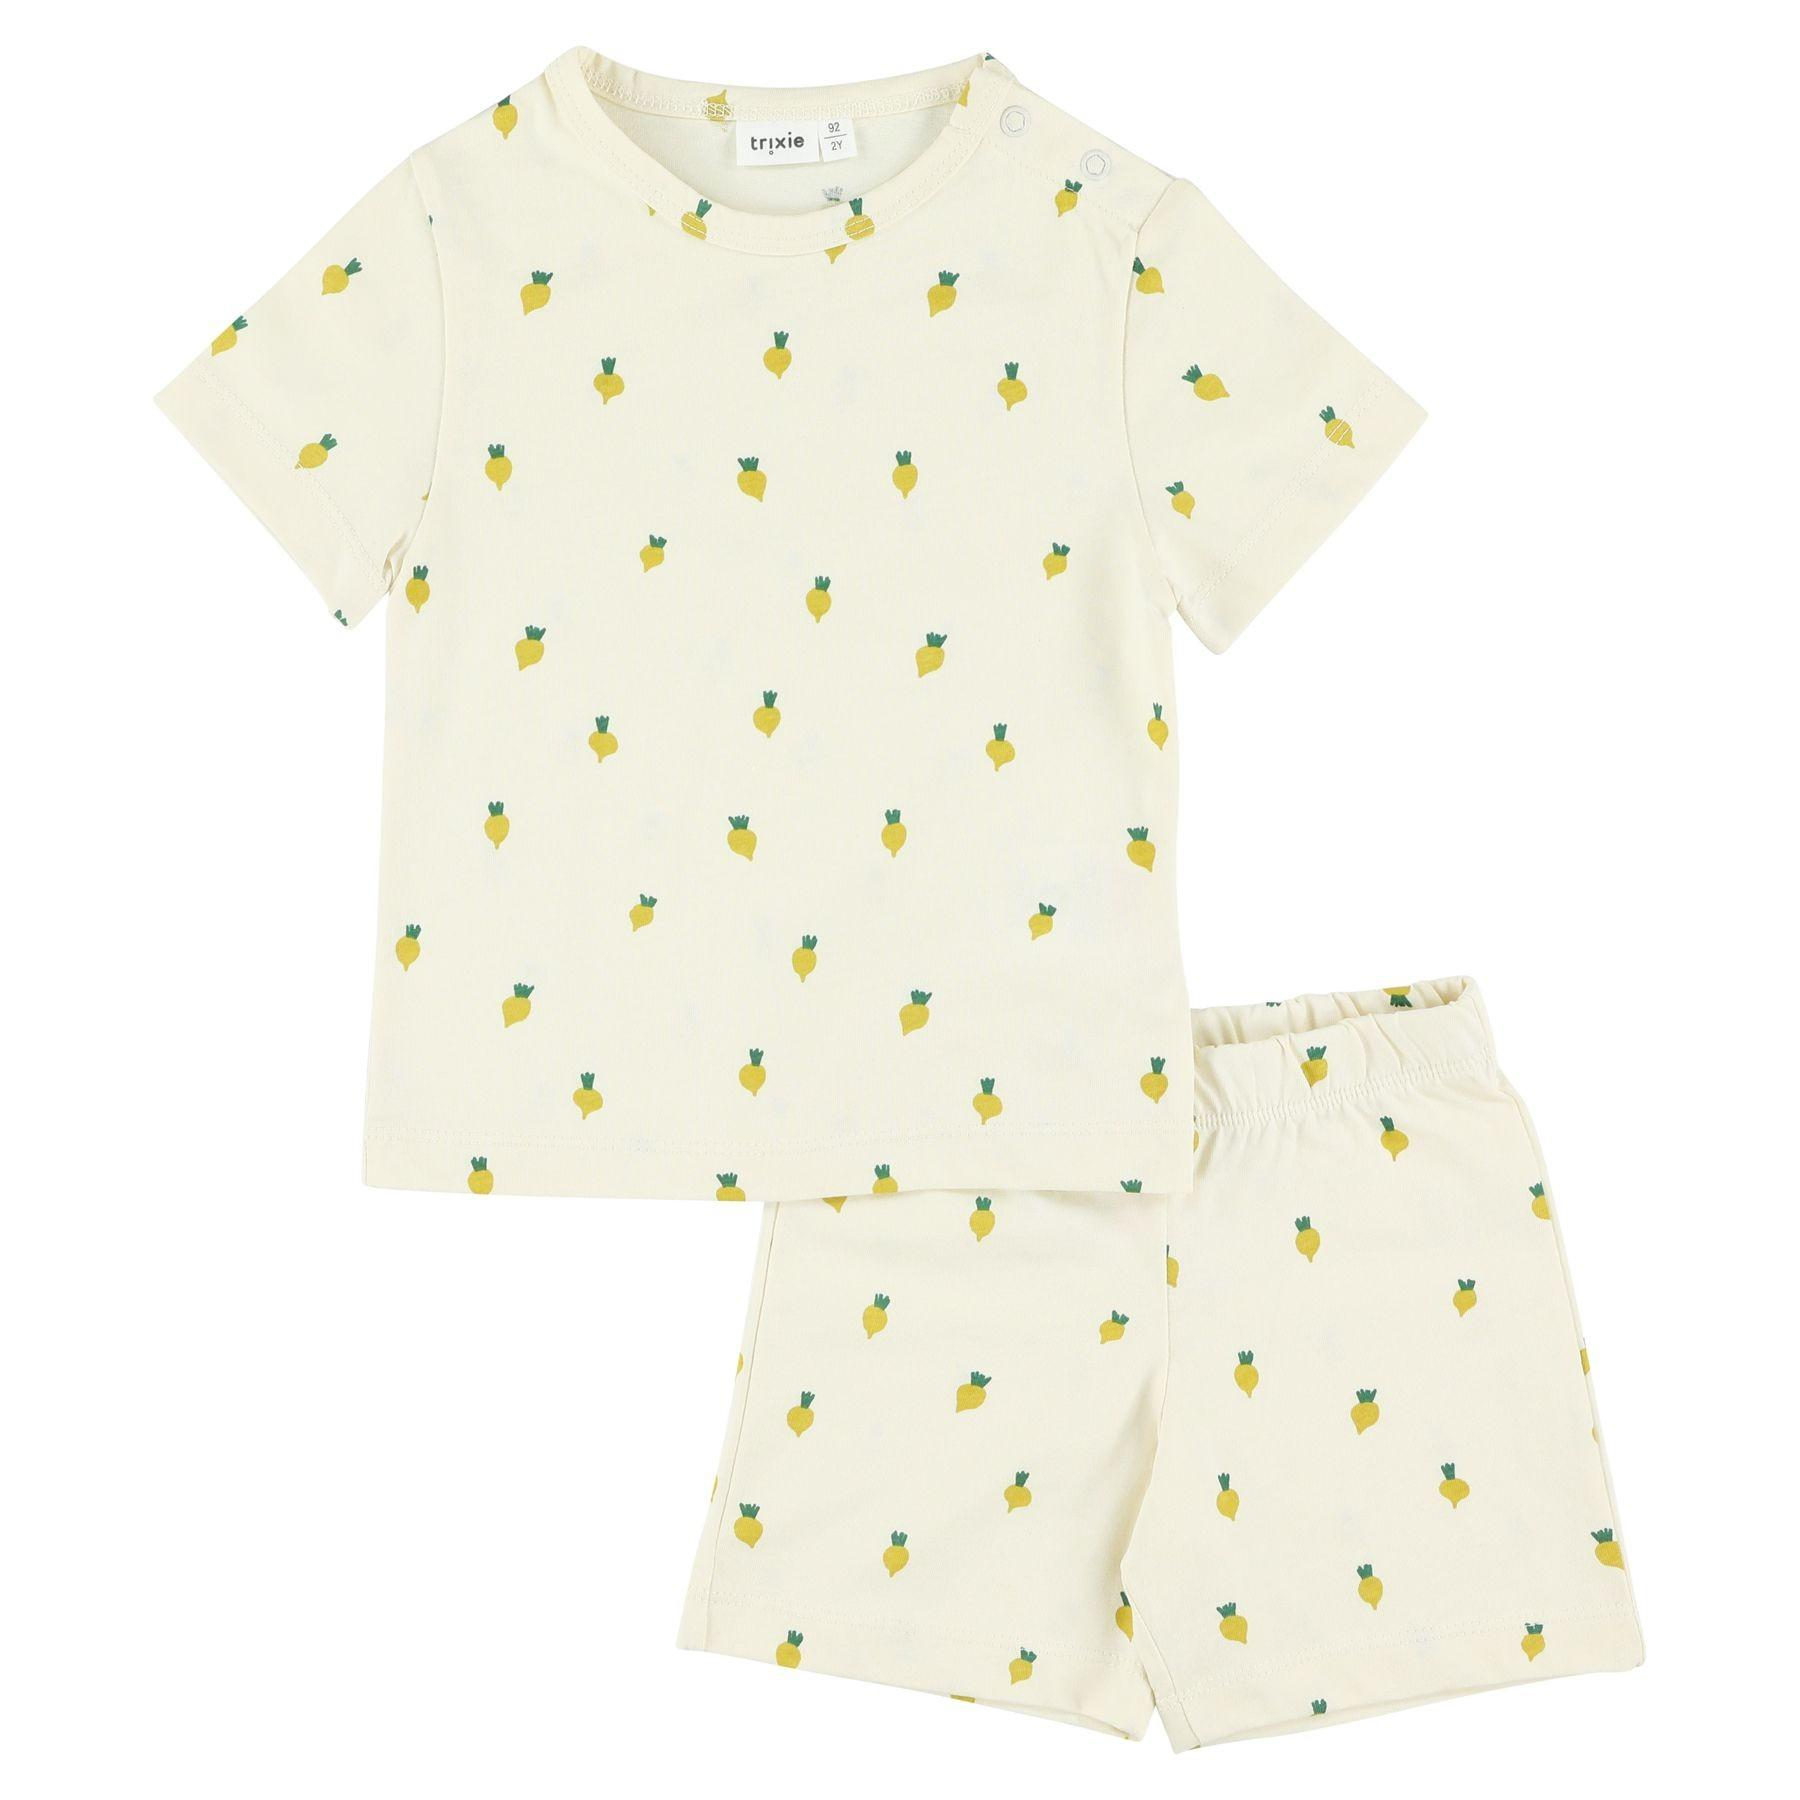 Trixie - 2-delige pyjama kort - Tiny Turnip - 6Y